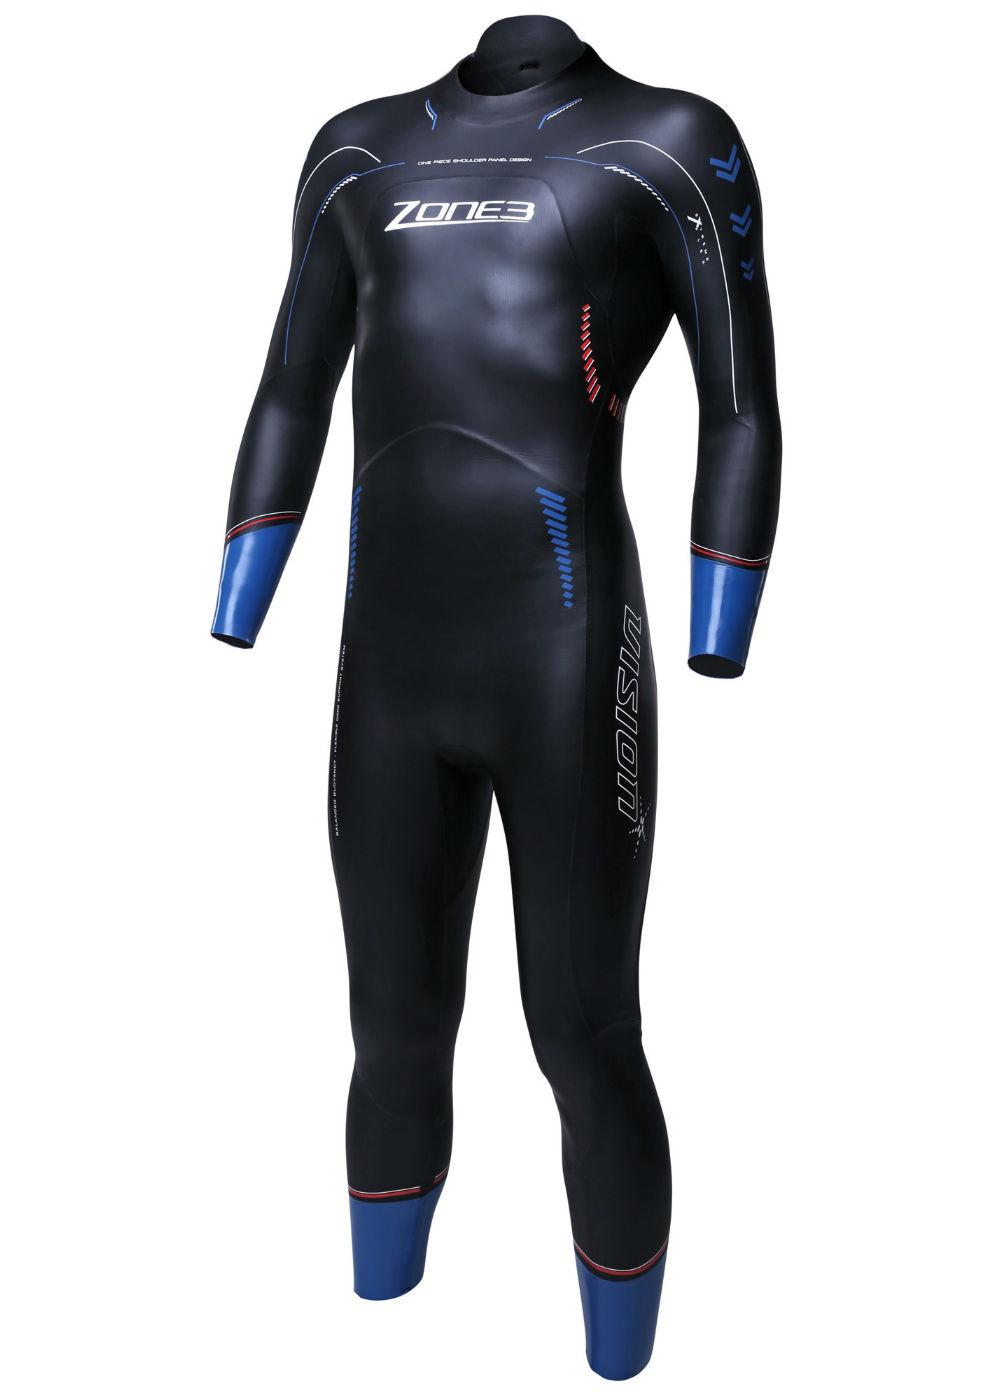 Zone3 Vision man triathlon wetsuit